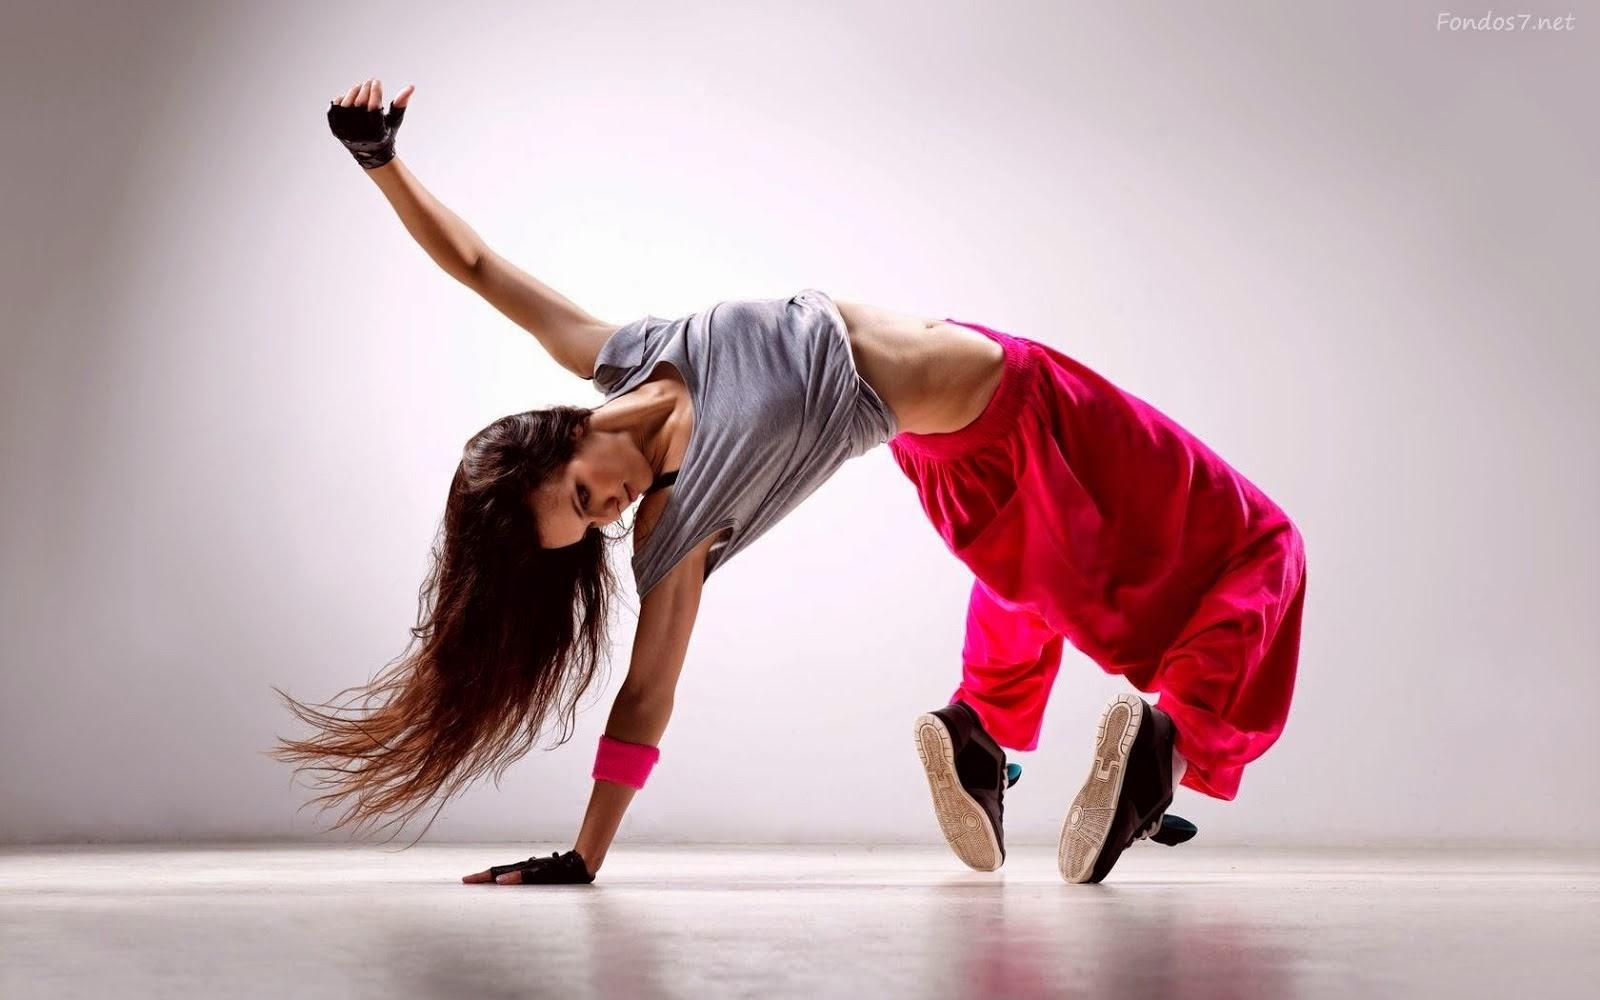 baile de zumba adelgazar abdomen y cintura